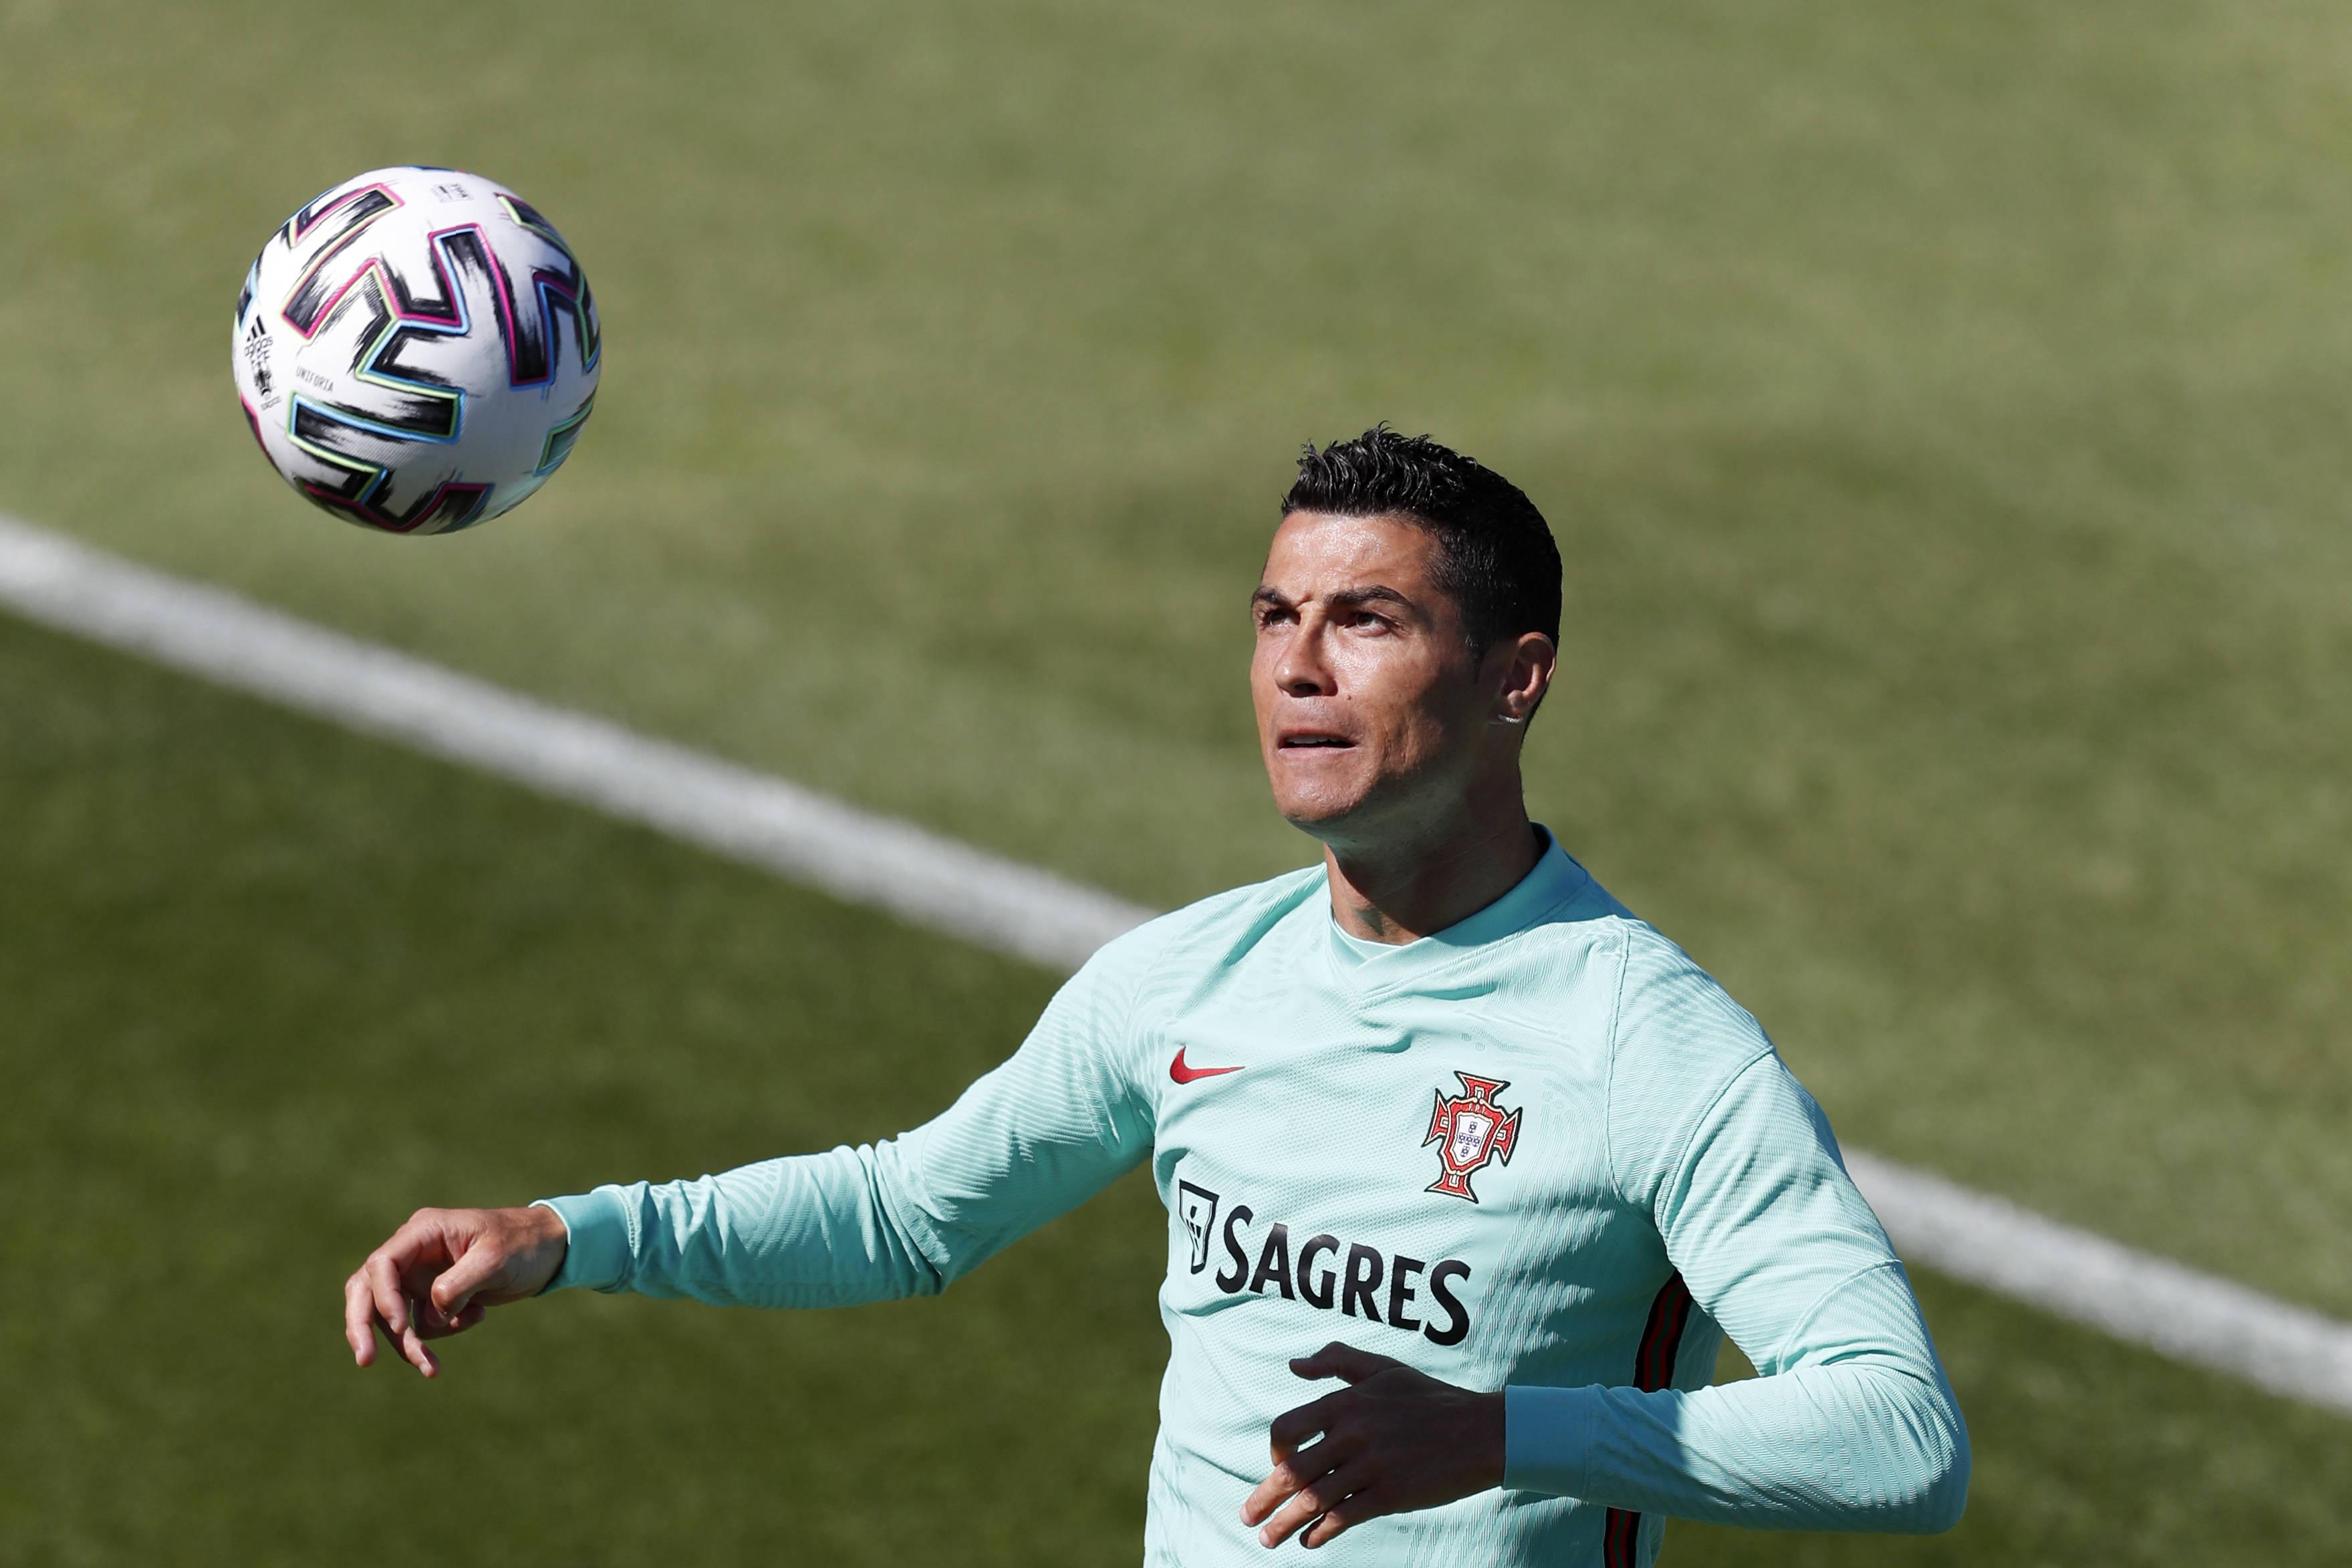 葡萄牙公布欧洲杯号码:C罗7号B席10号 9号归属A席_KU游官网